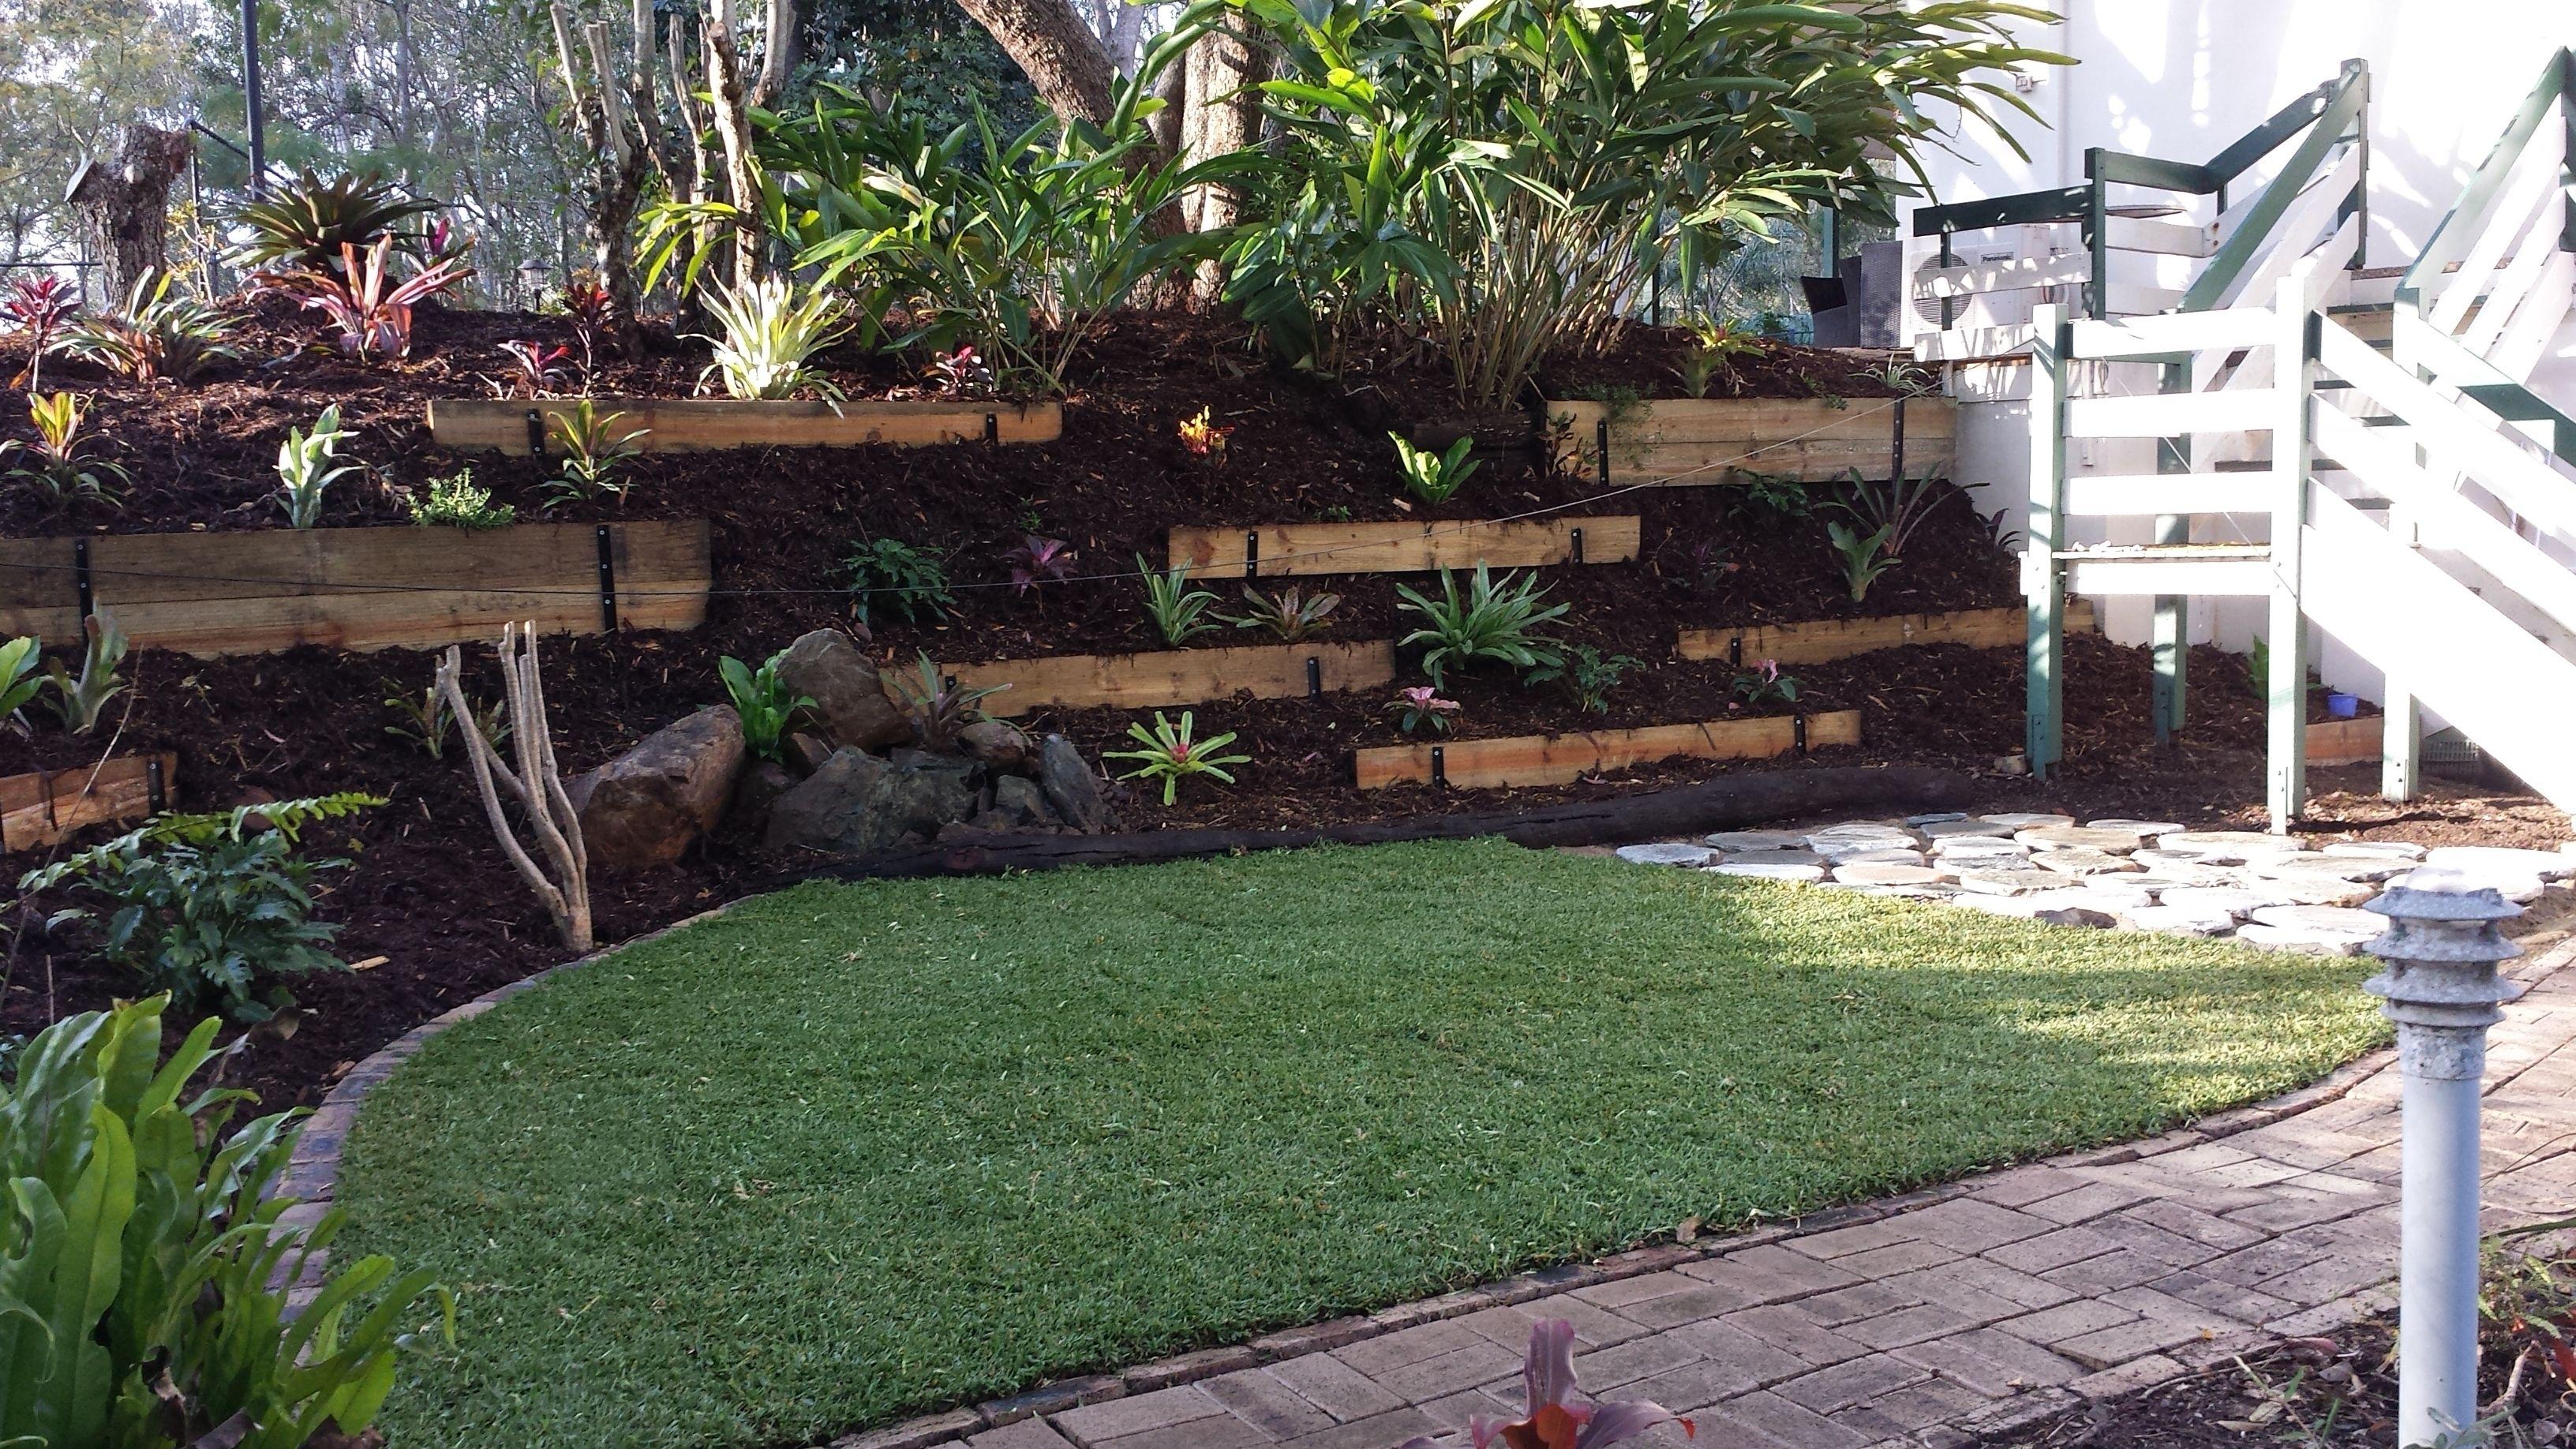 12 Unique Landscaping Ideas Queensland Cn19k4 Tropical Garden Design Tropical Garden Front Garden Design